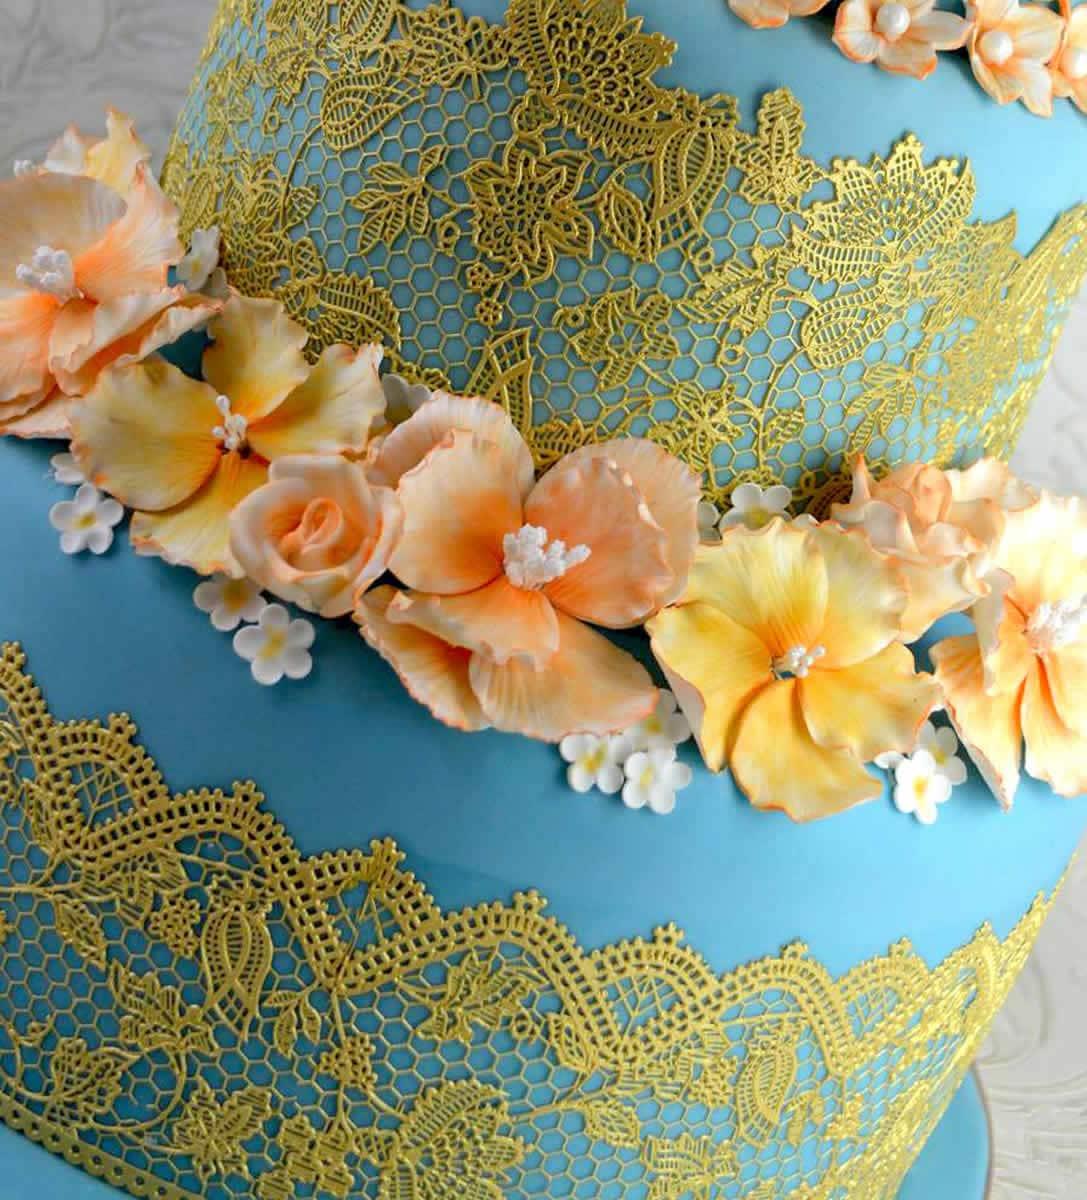 Easysugarlace Etsy Sugar Cake Lace Mix Aztec Cake Lace Mat